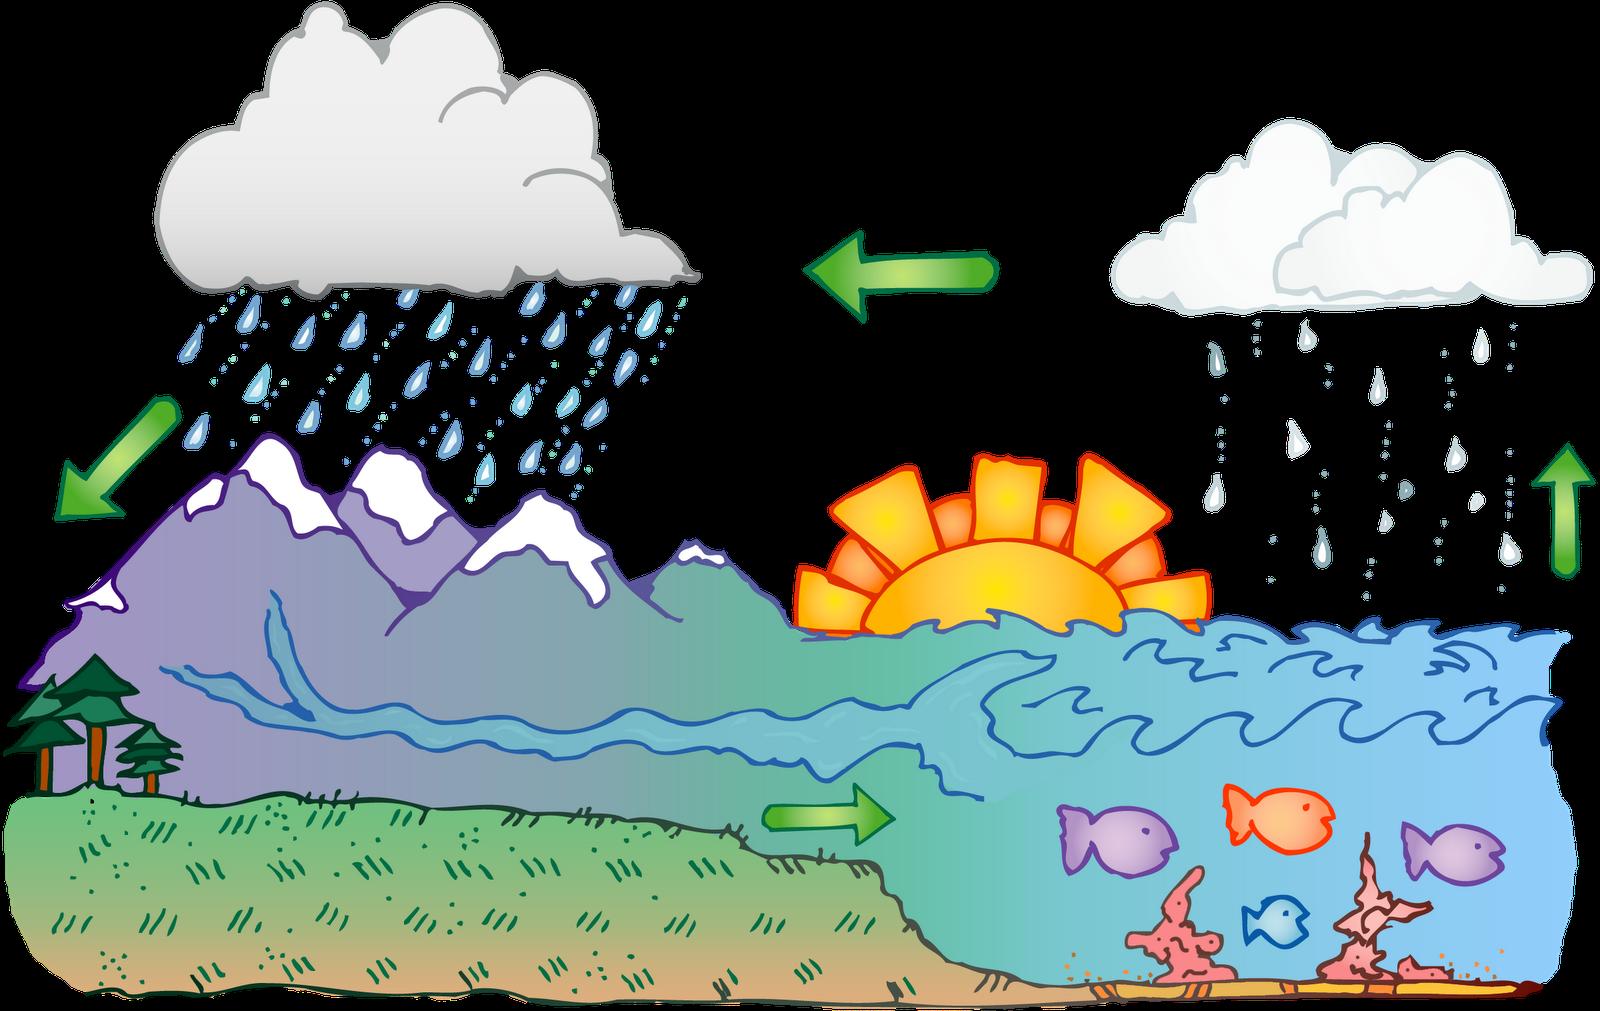 Water Cycle Diagram Worksheet Printable